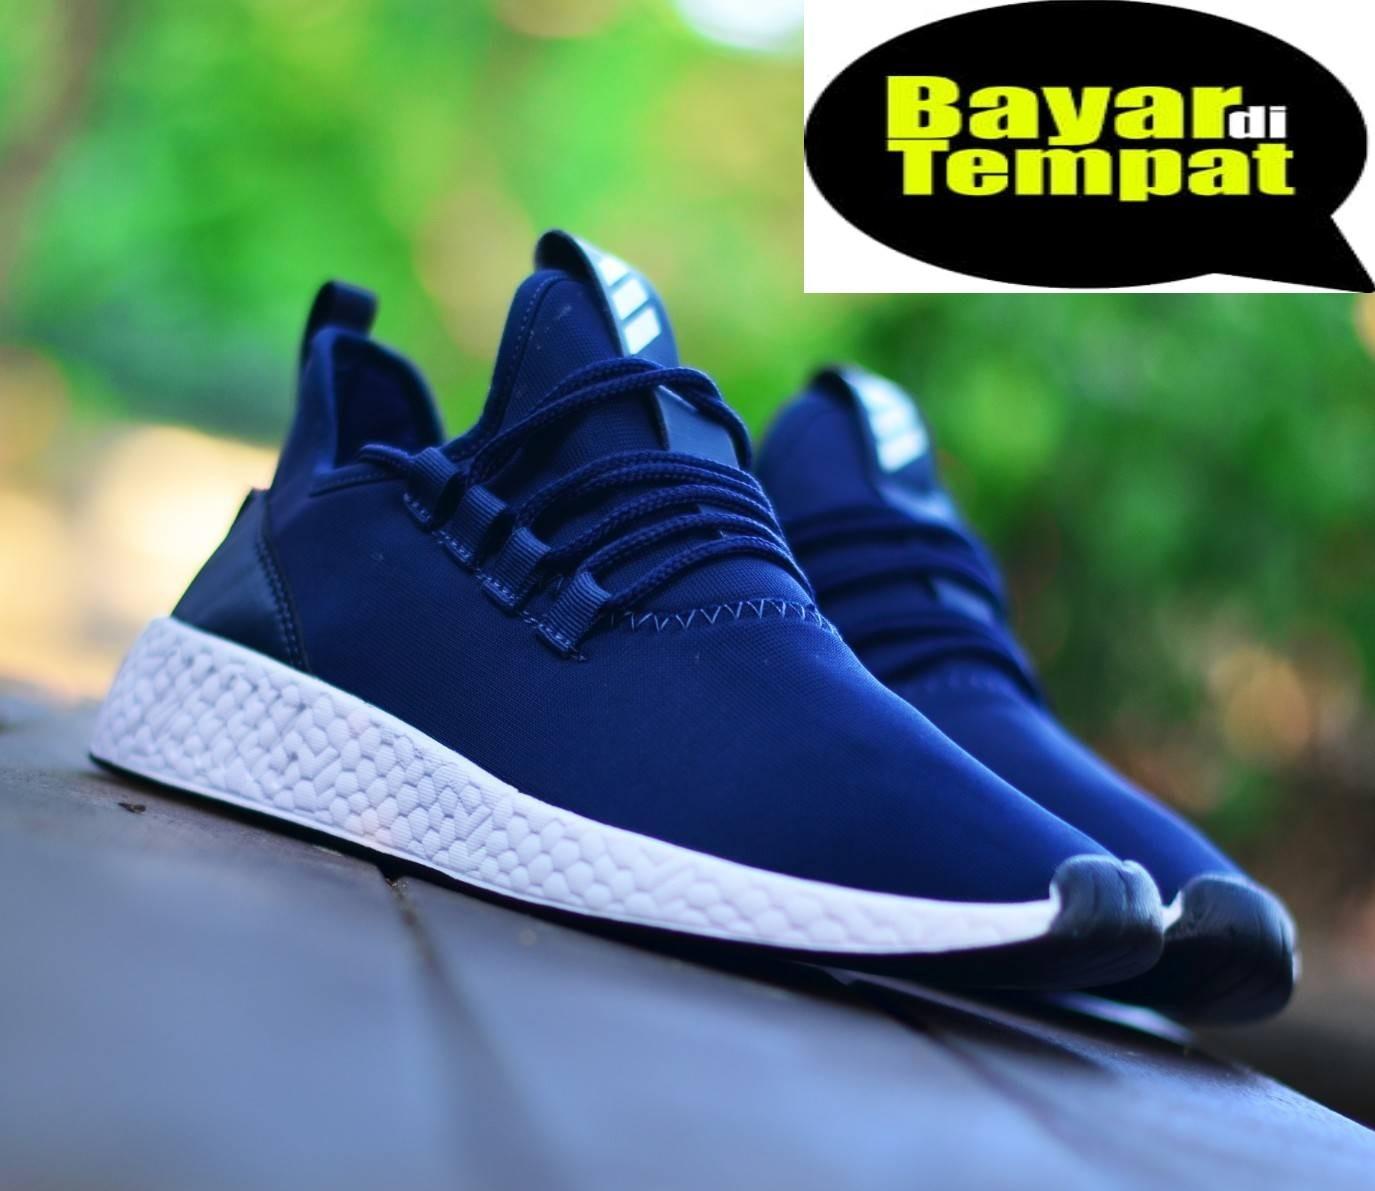 Sepatu adidas99_NMD R2 men sepatu sneakers sekolah running main jalan santai men termurah